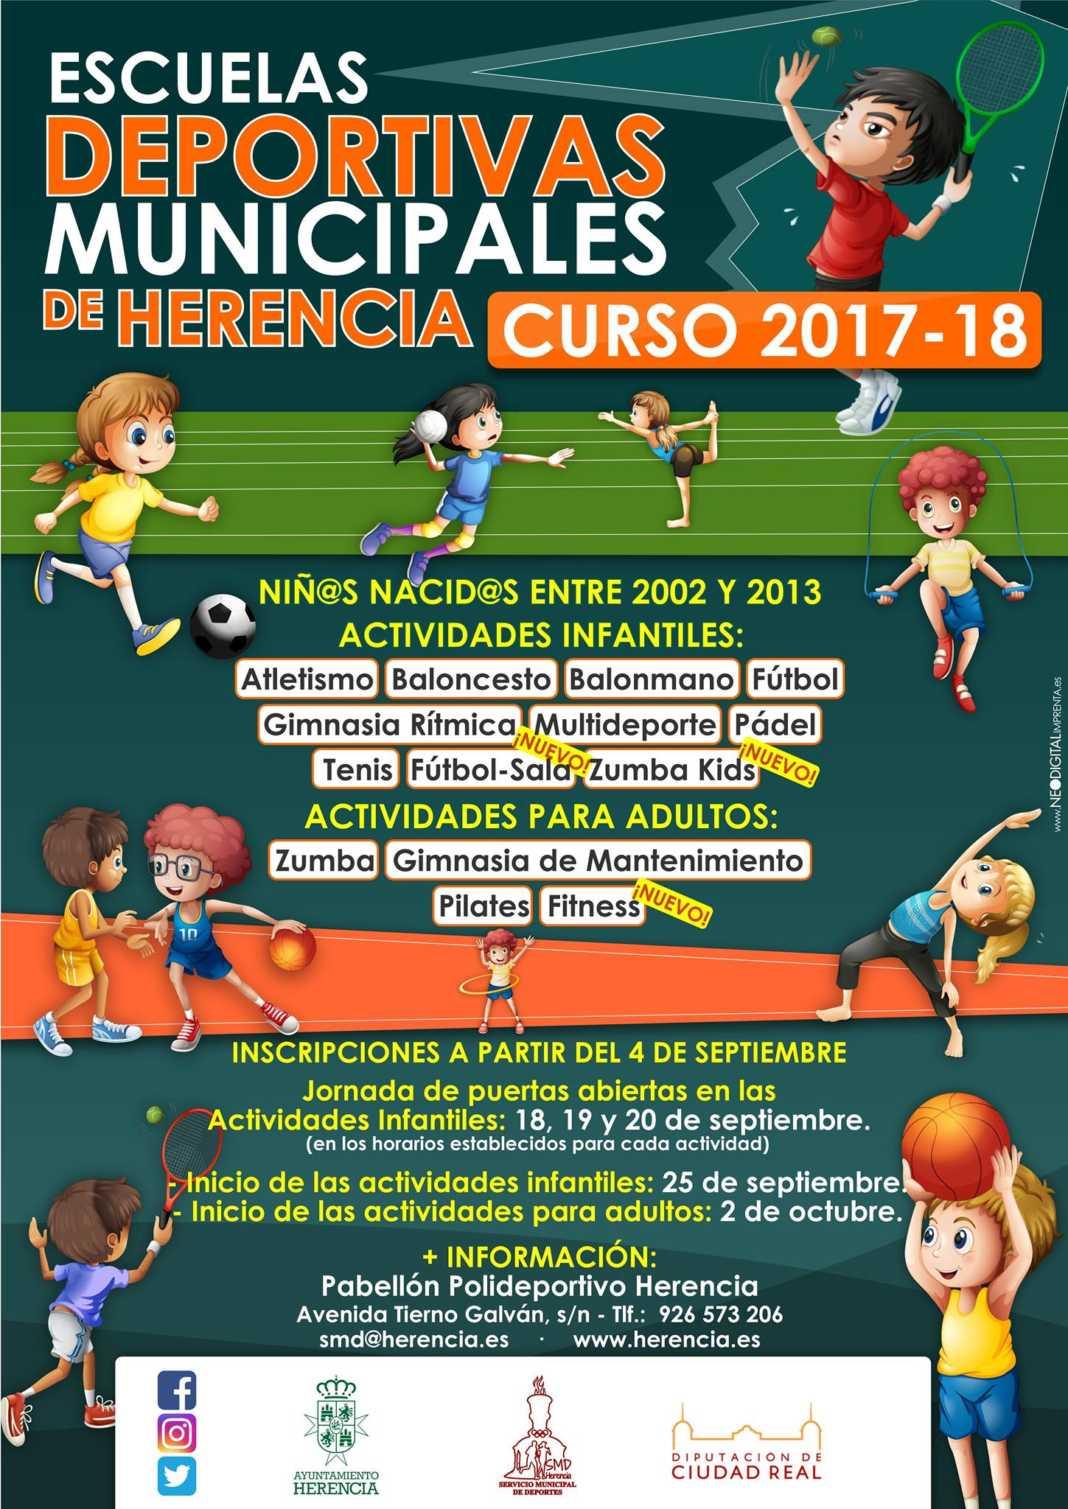 escuelas deportivas herencia 2017 2018 1068x1509 - Escuelas deportivas de Herencia ponen en marcha su programa para 2017/2018